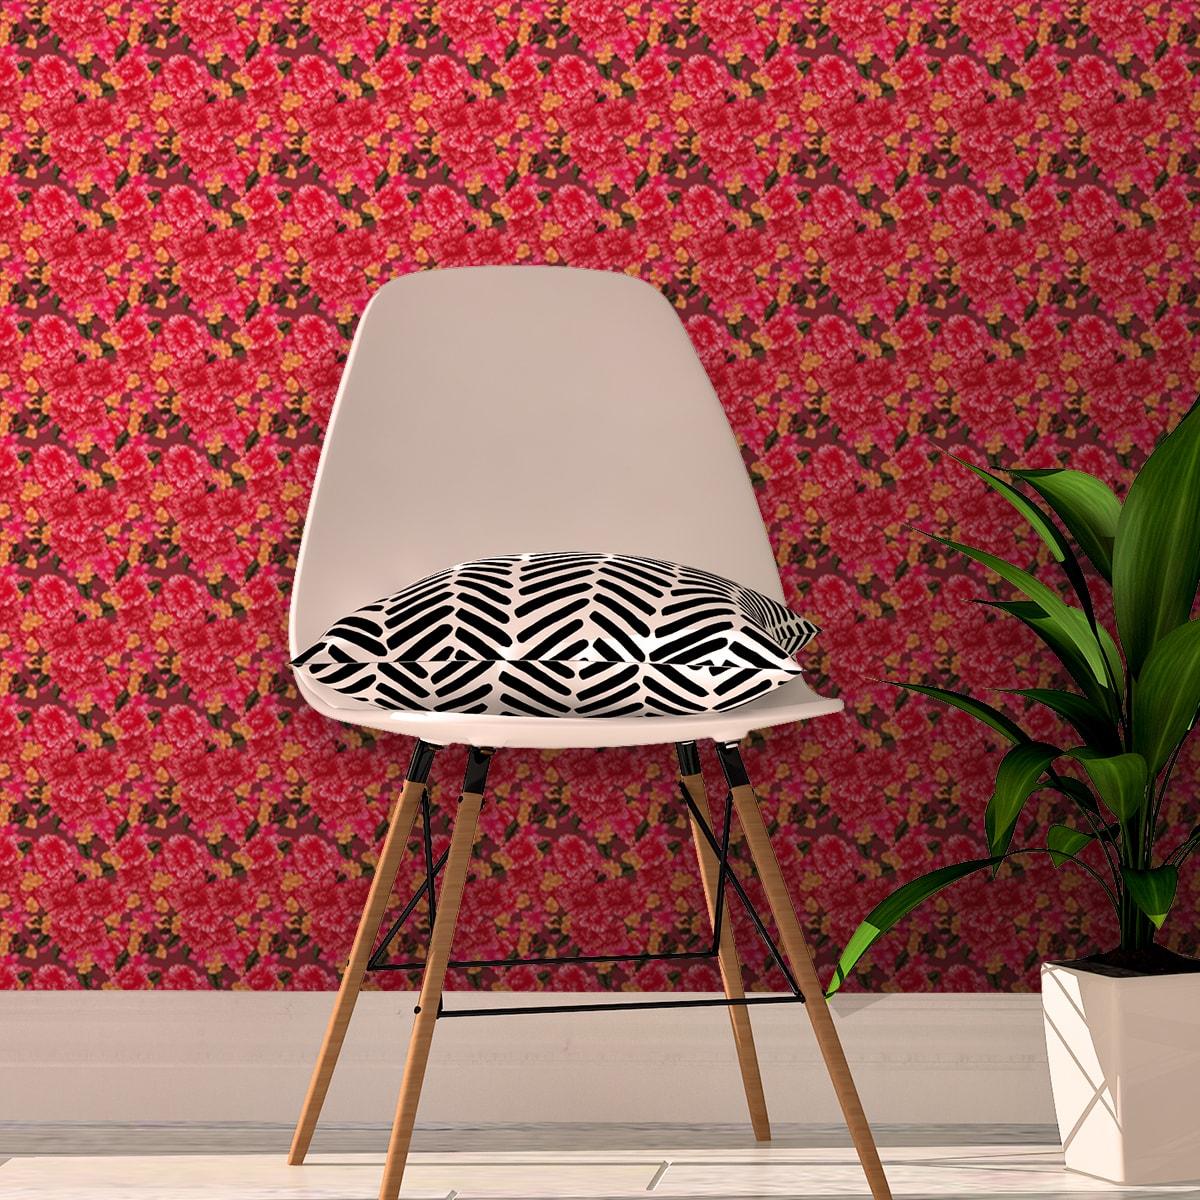 Schlafzimmer tapezieren in rot: Blumentapete Shabby Flowers Landhaus shabby chic in rot - Vliestapete für Schlafzimmer